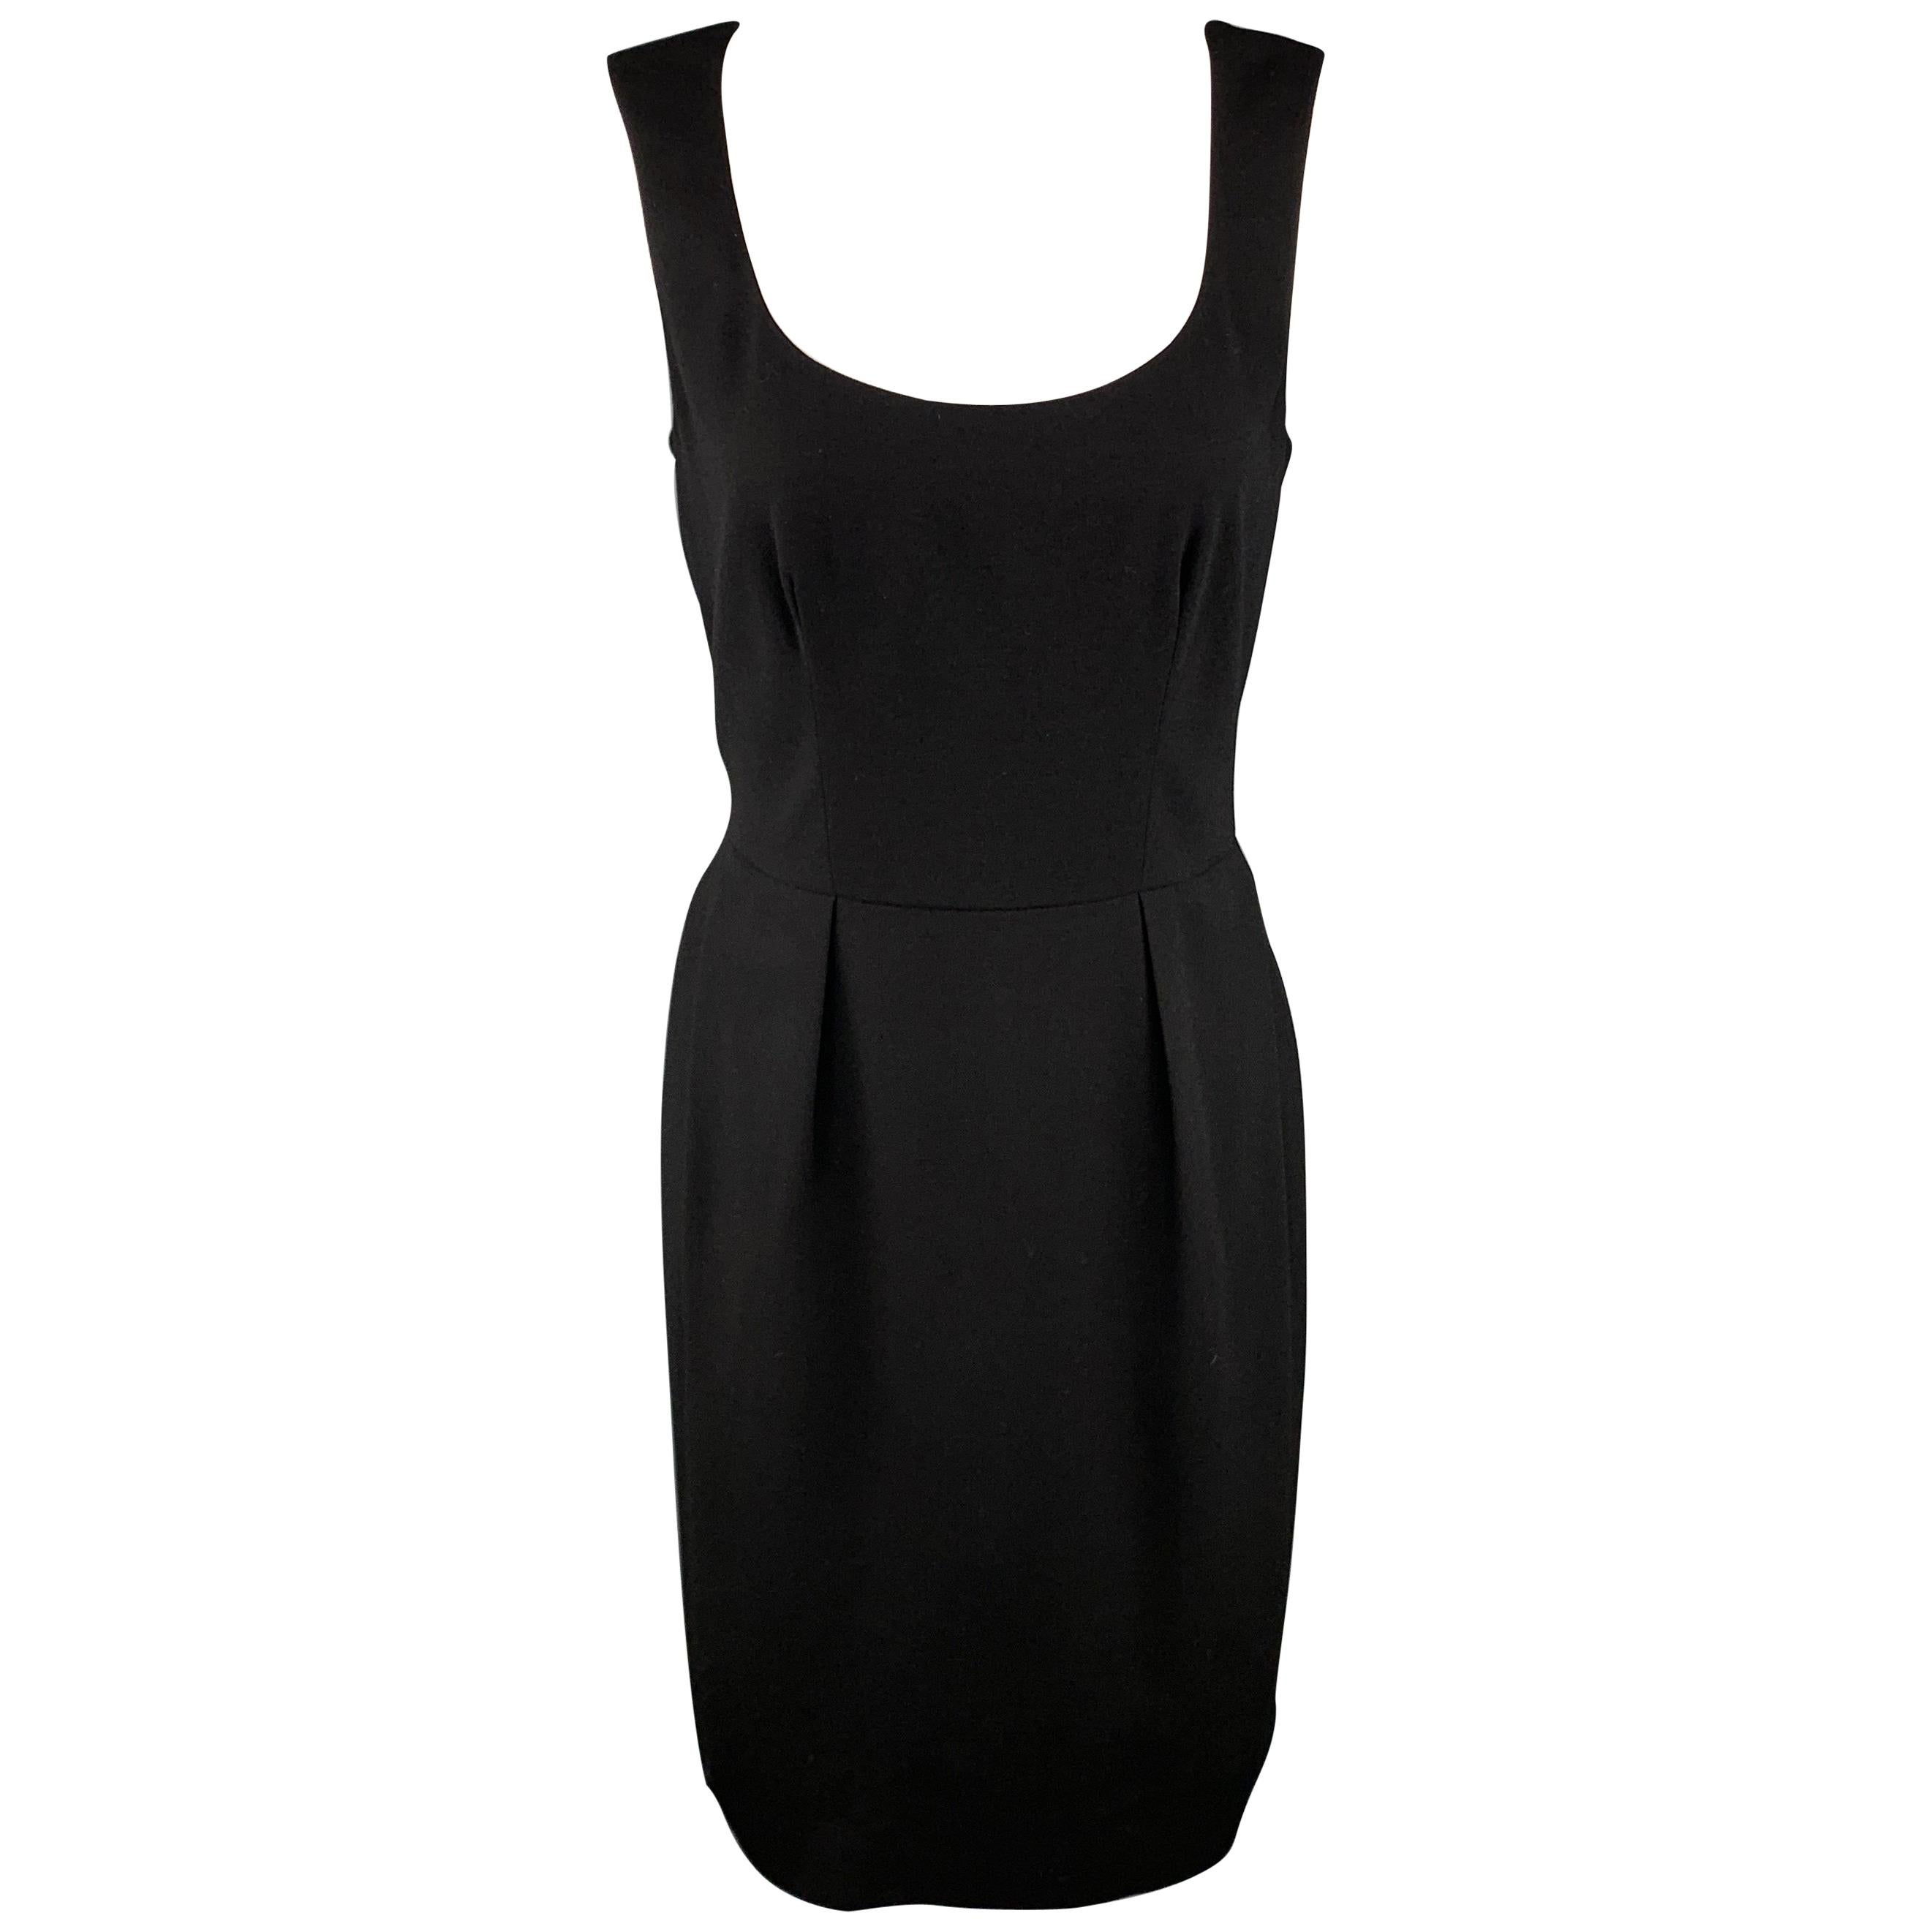 YVES SAINT LAURENT Size 6 Black Wool / Elastane Shift Dress